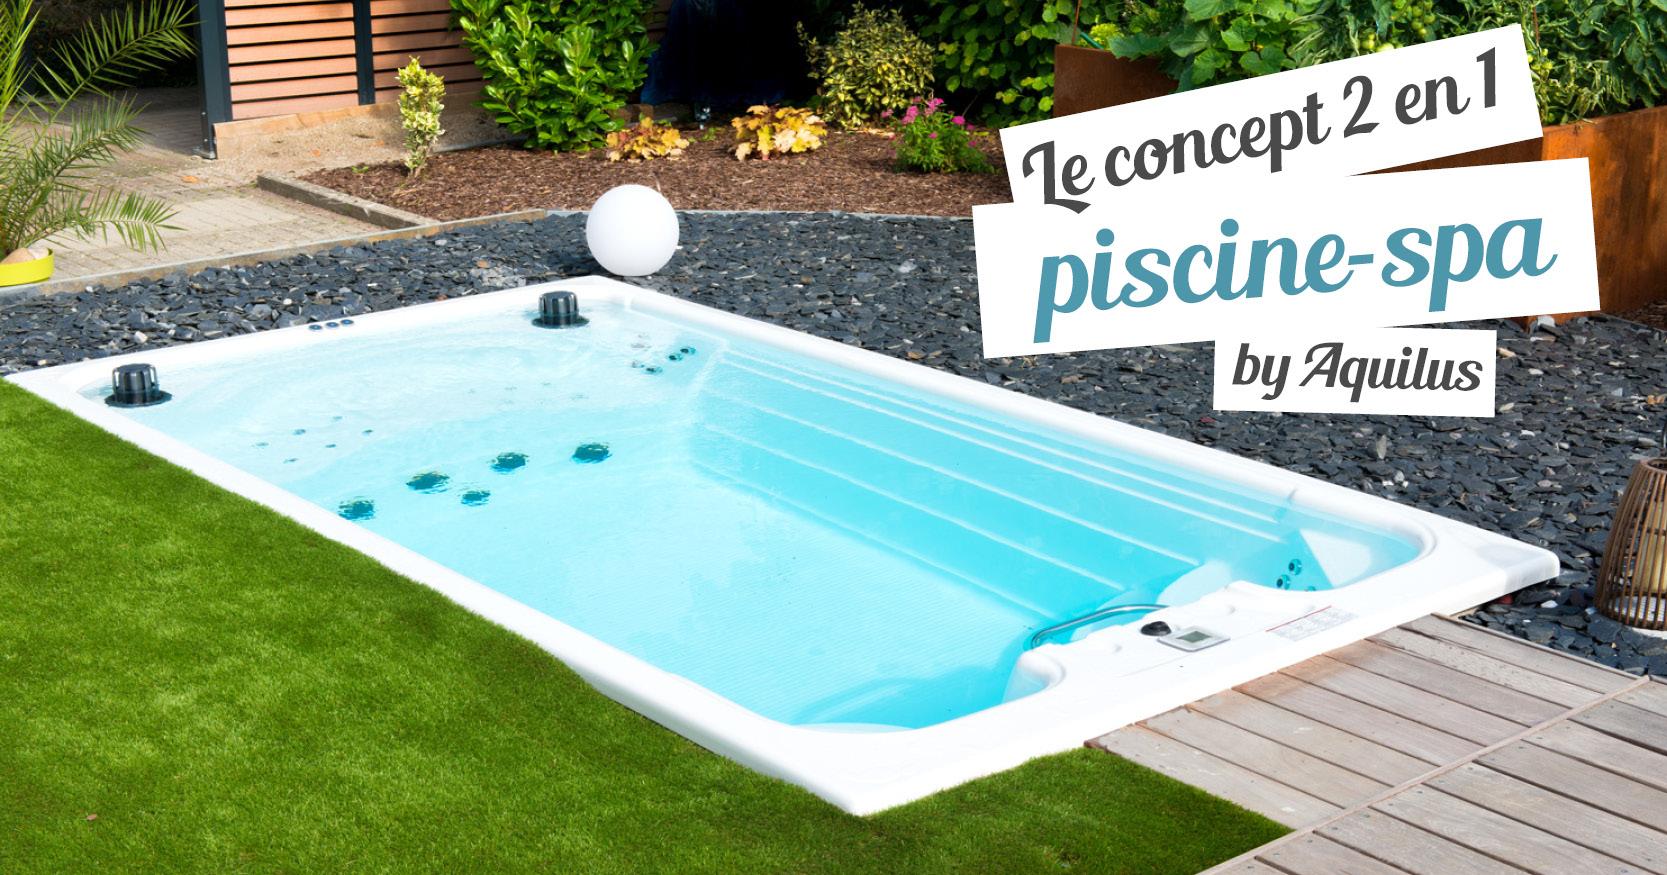 La M'water, Le Concept 2 En 1 By Aquilus ! - Aquilus Neuchâtel à Piscine Aquilus